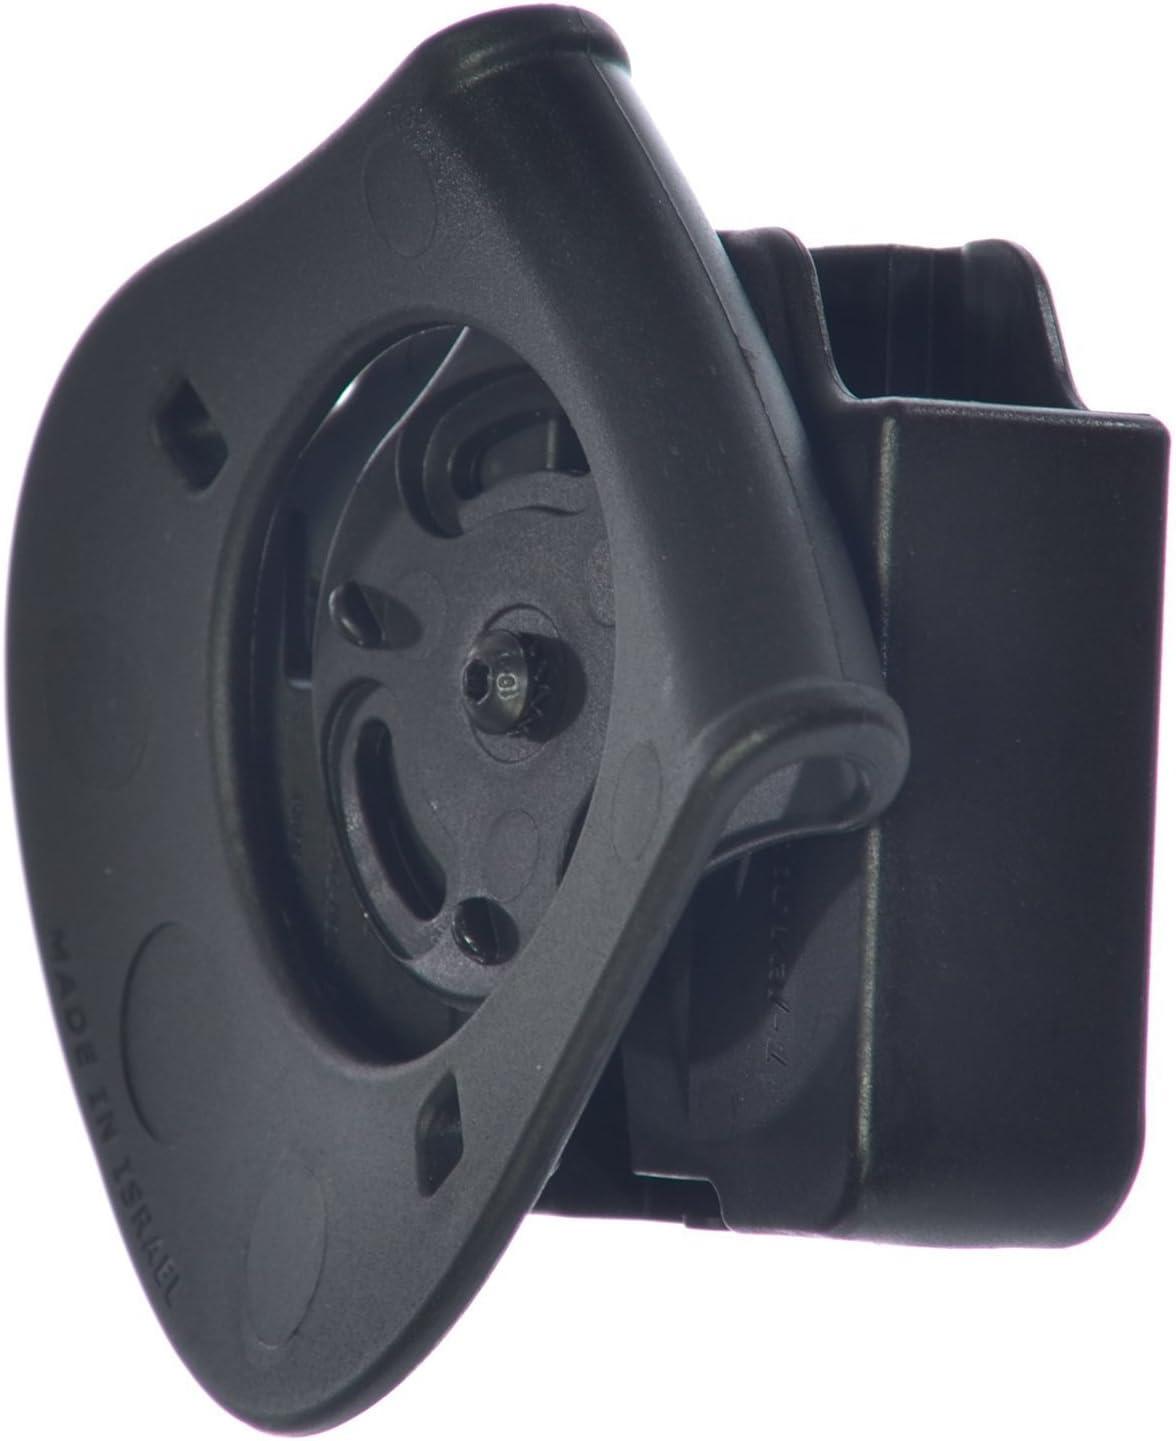 BUL M-5 45C 45 Orpaz Defense Ceinture//Paddle Tactique Porte-Chargeur Double tournat roto Magazine Pouch Holster /étui pour Heckler Koch H/&K HK P30 // USP Compact 9 // .40 // USP